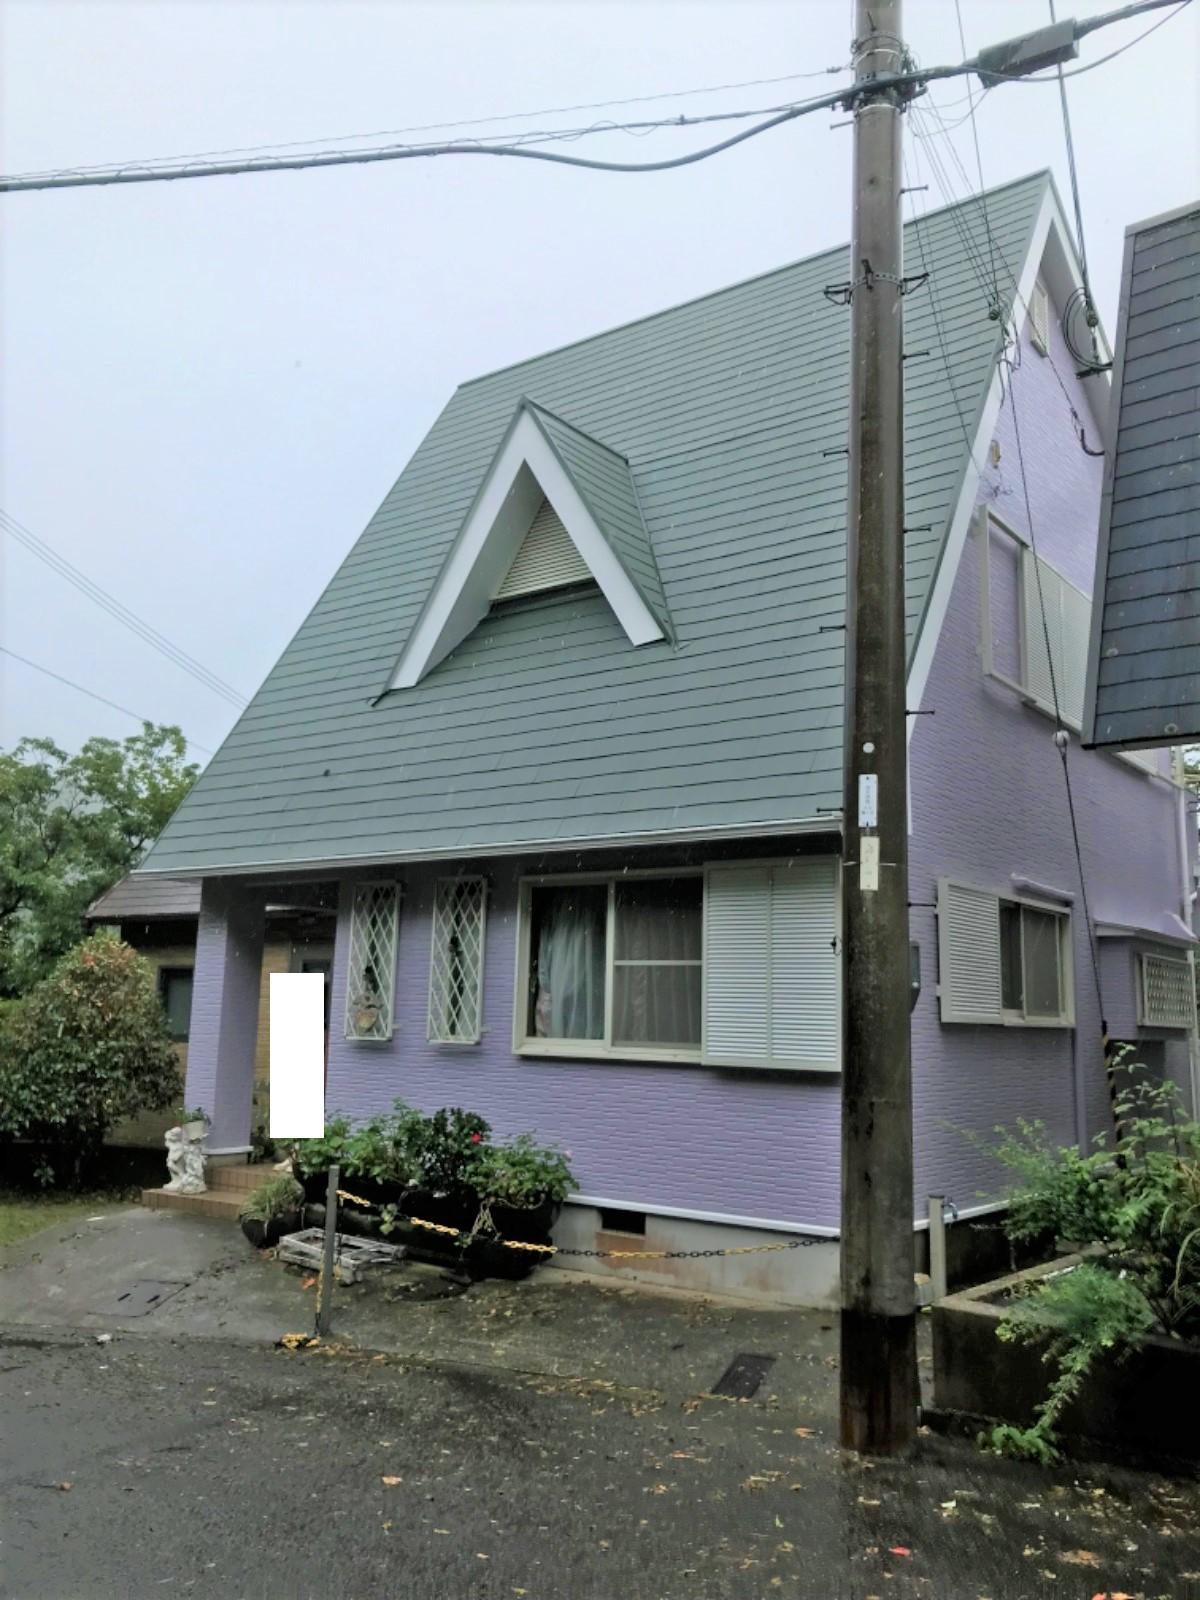 【和歌山市】O様邸<br>『個性が光るカラー使いで素敵なお家に♫』